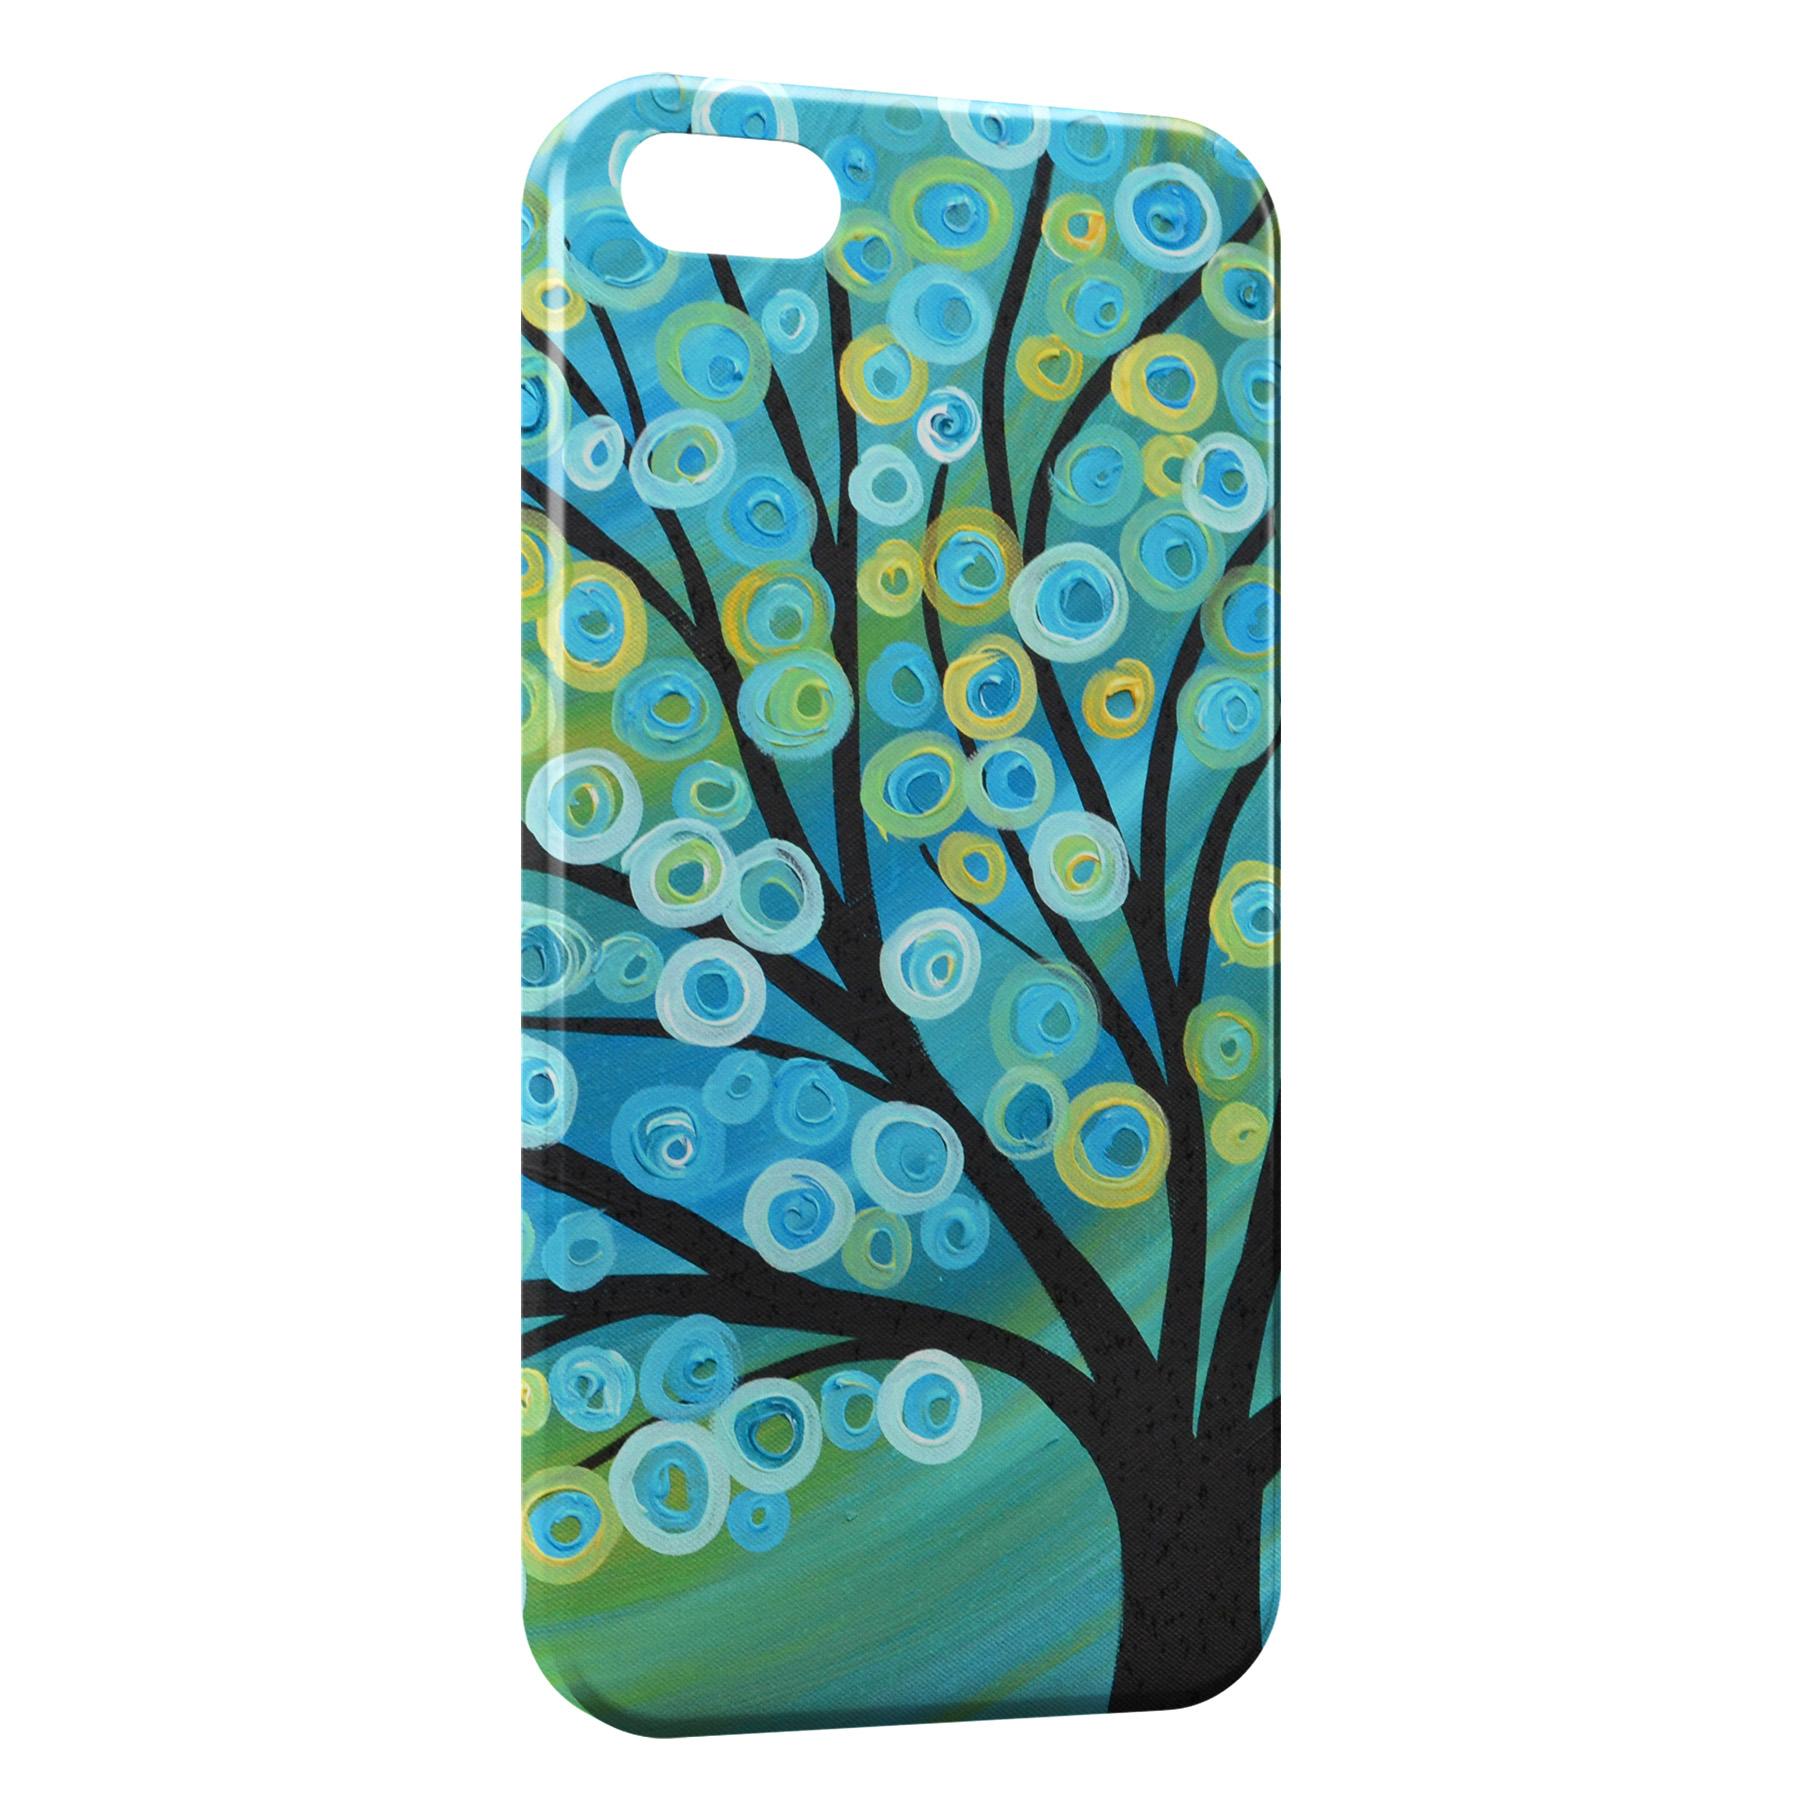 coque iphone 4 arbre